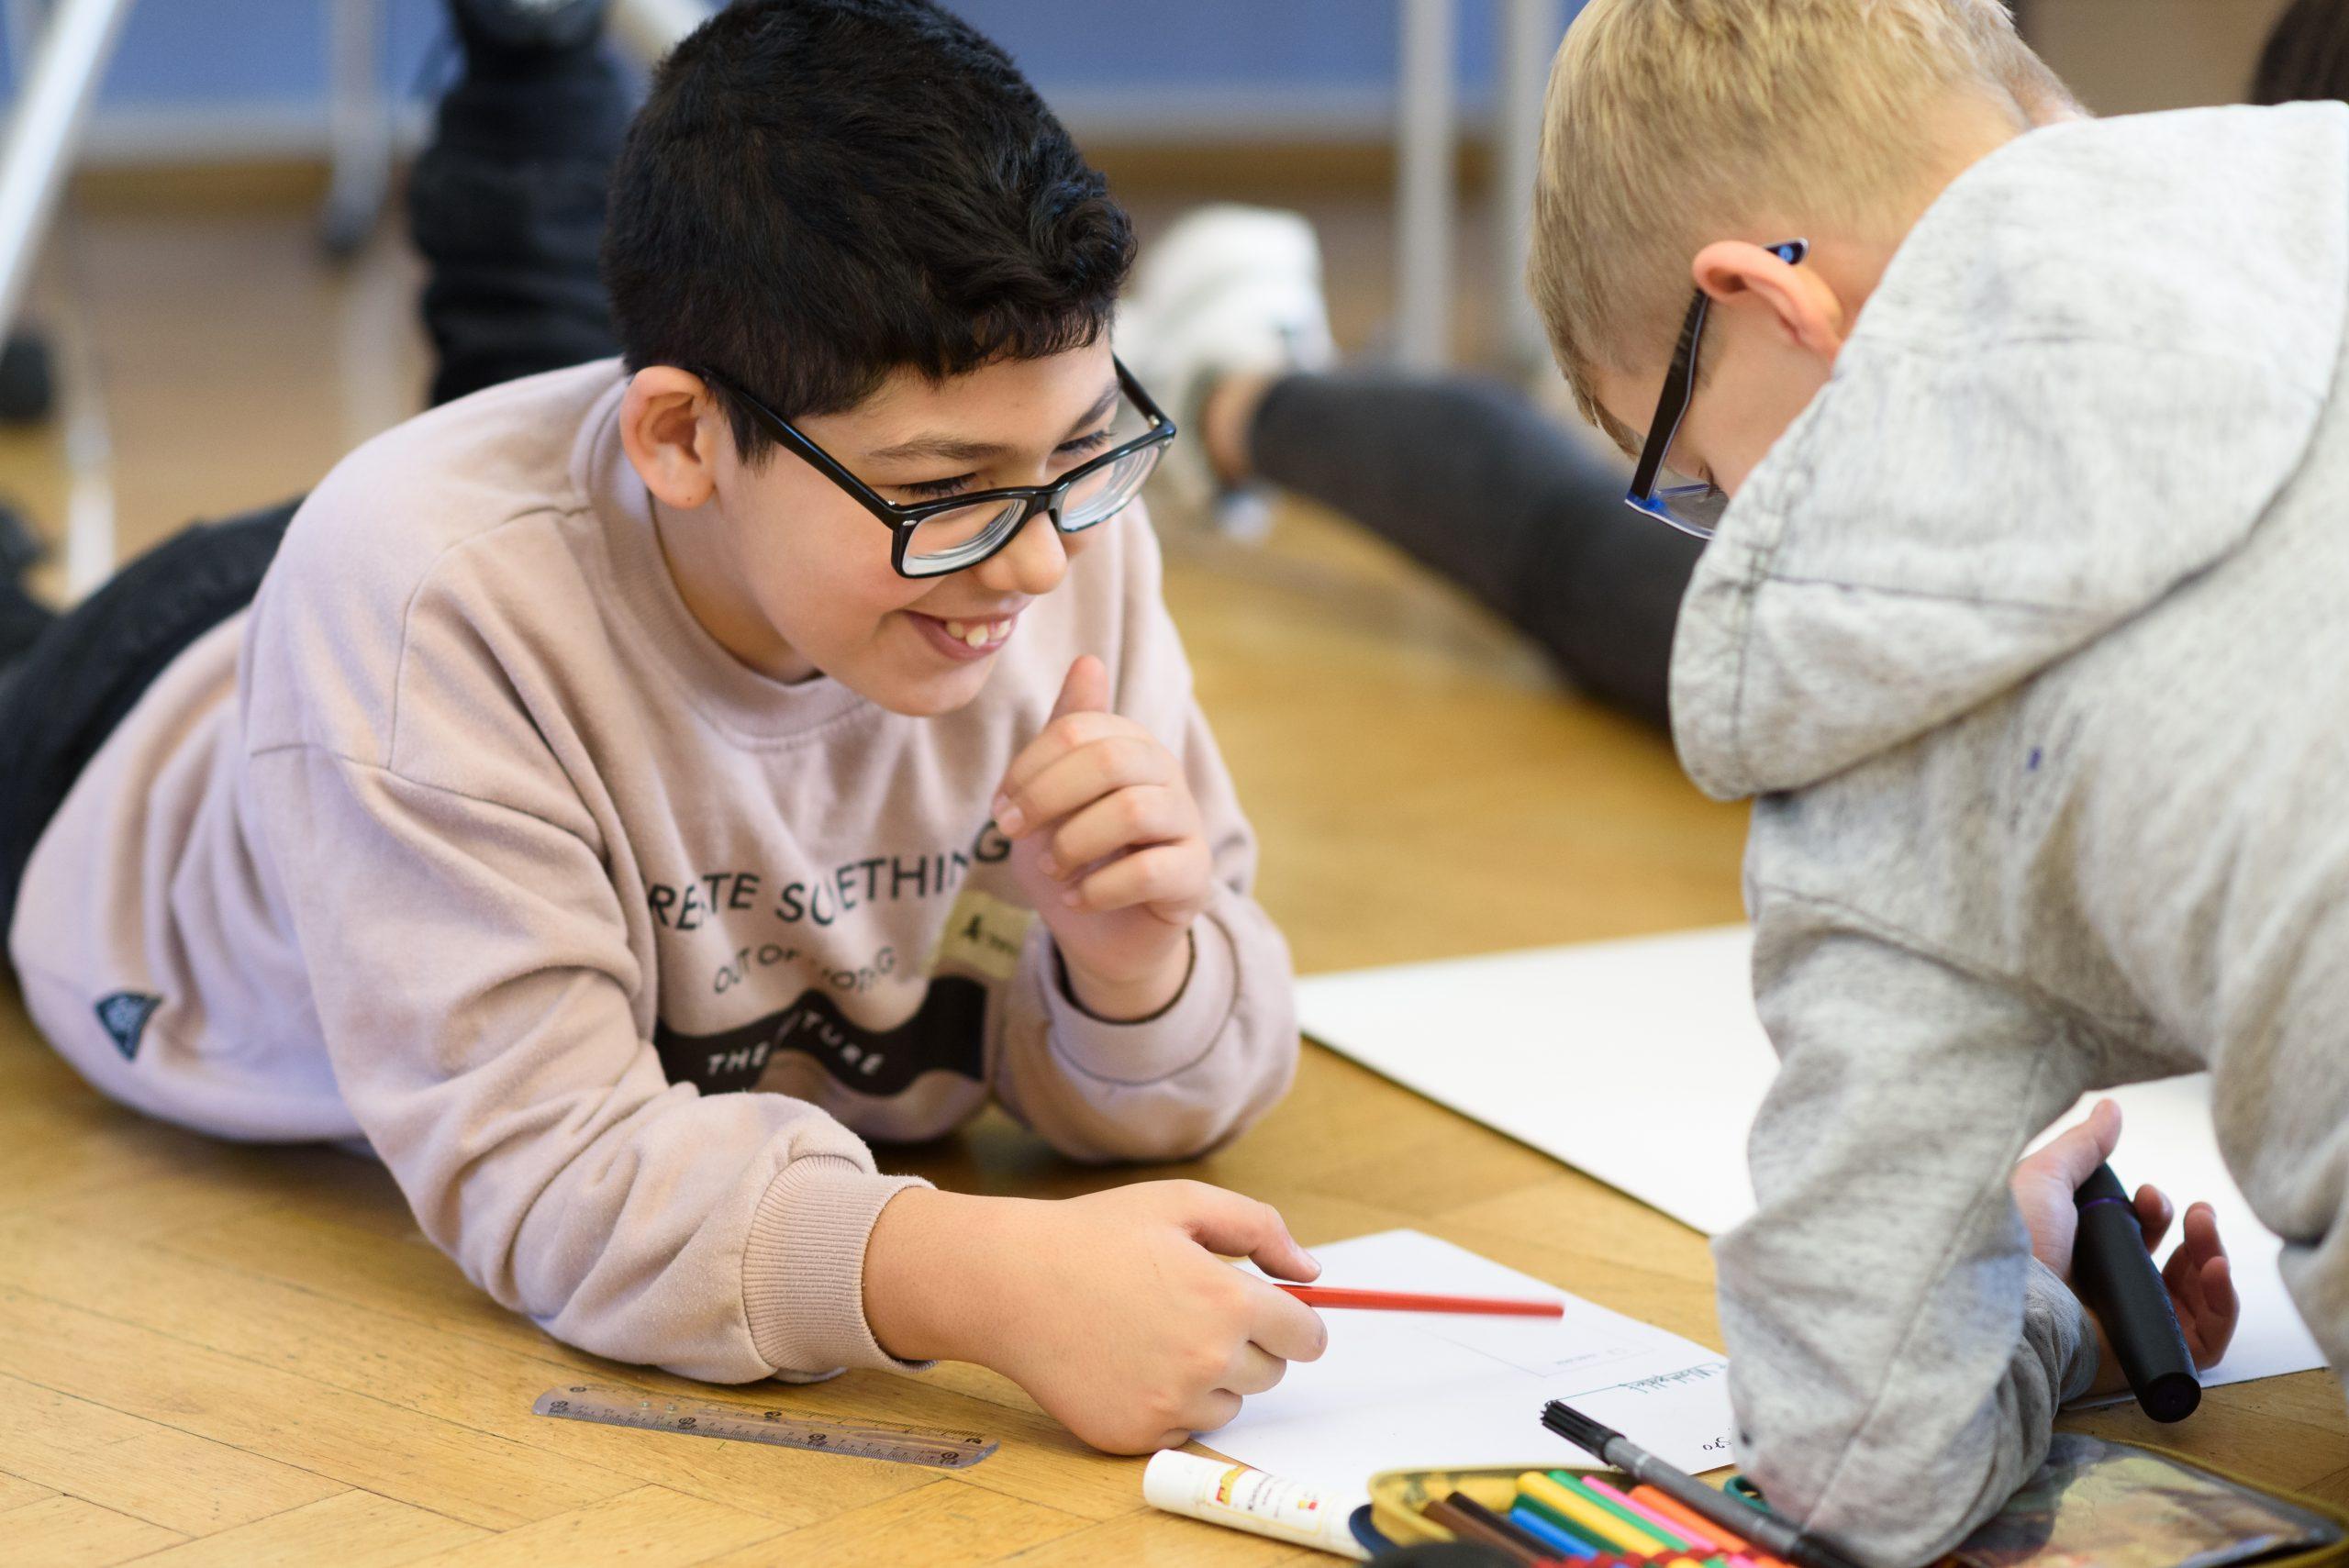 Auf dem Bild sieht man zwei Personen auf dem Boden liegen und mit Buntstiften auf einem Blatt malen. Die eine Person lächelt. © Servicestelle Jugendbeteiligung e. V. 2019